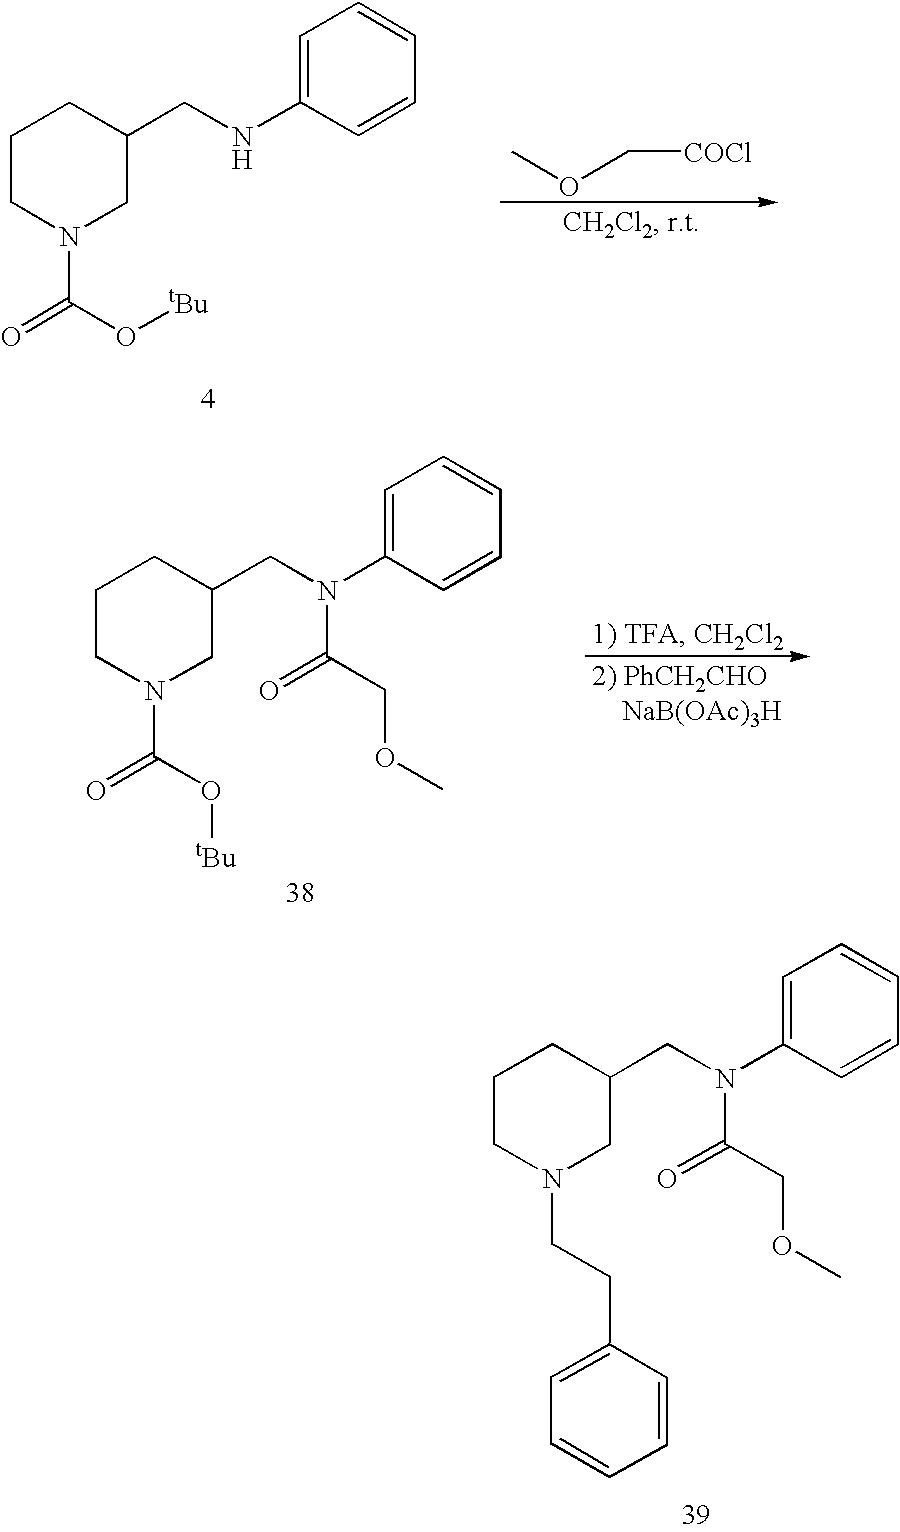 Figure US06677332-20040113-C00050